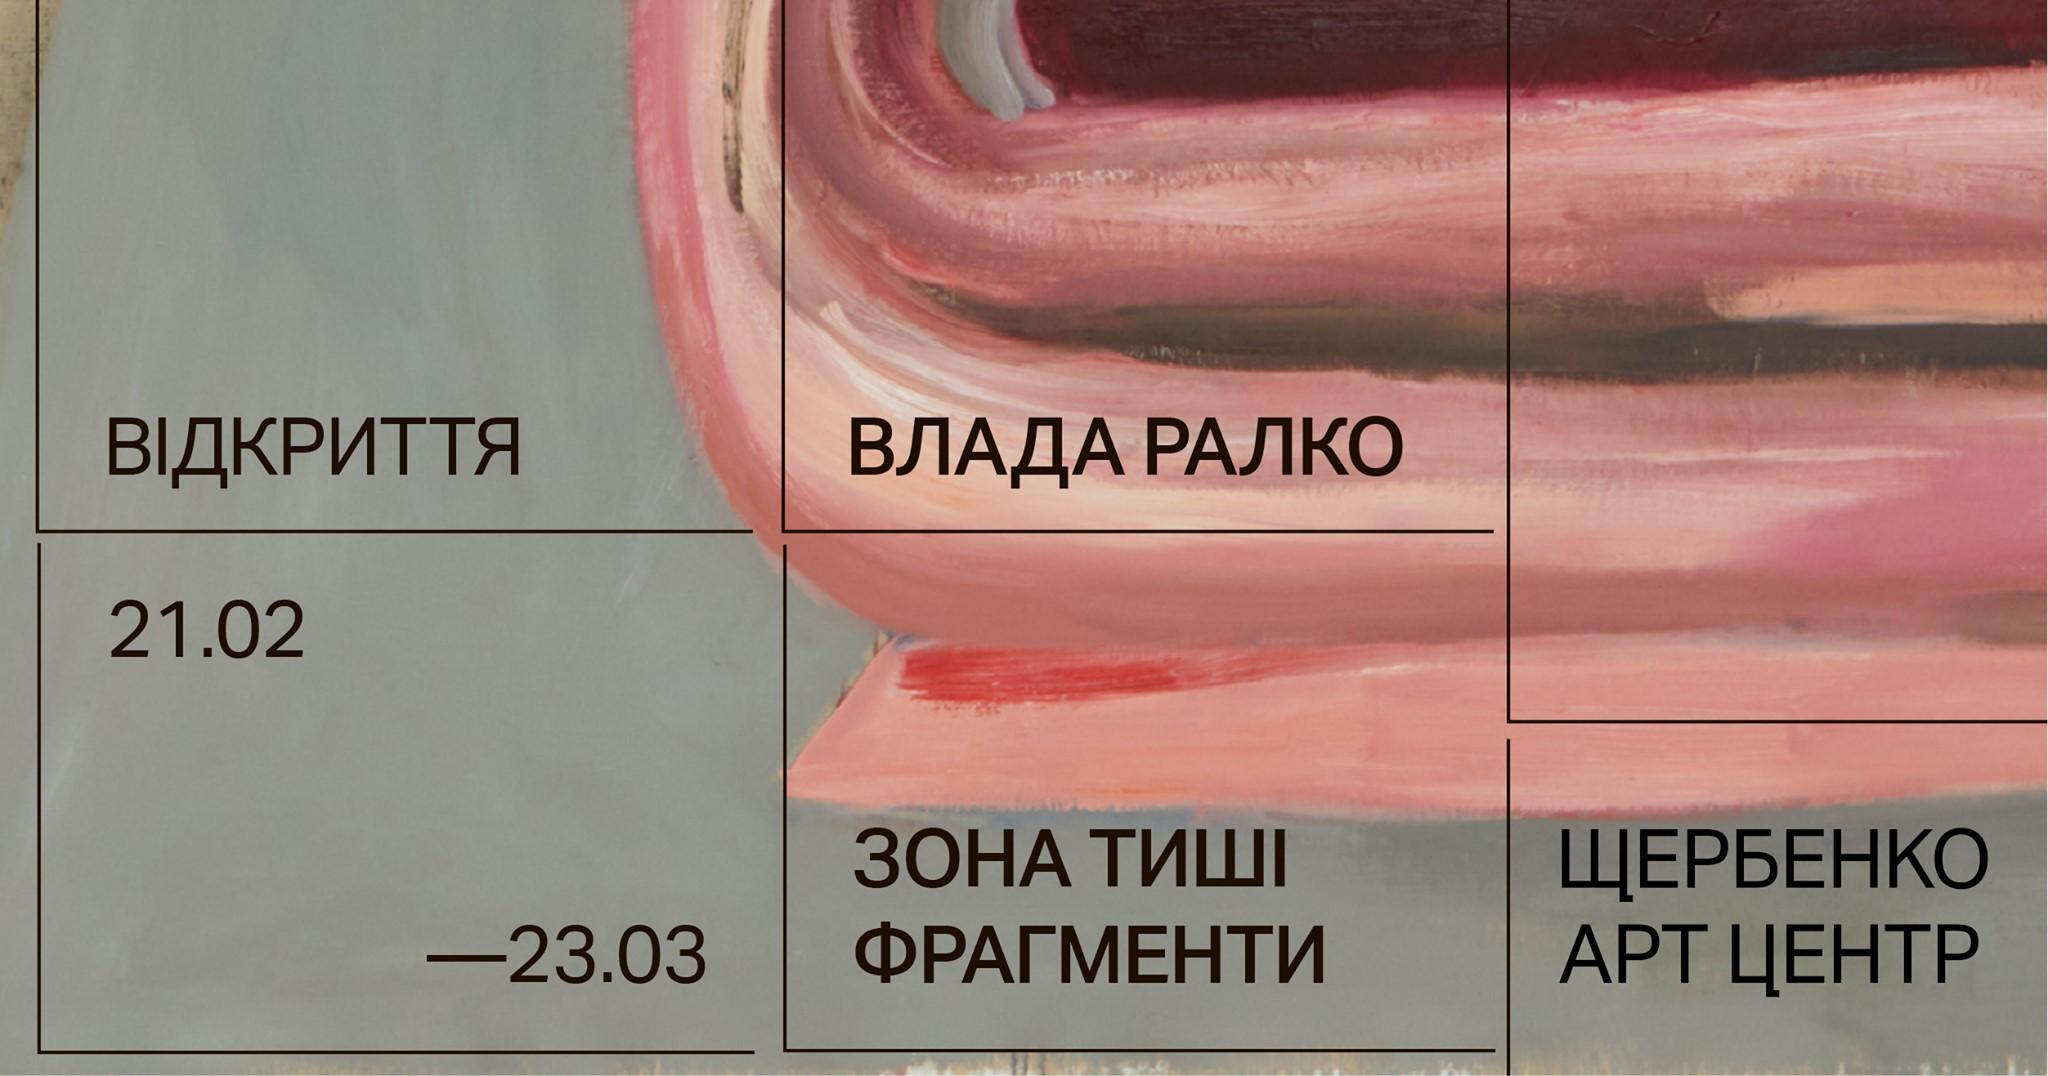 «Зона тиші. Фрагменти» Влада Ралко - Щербенко Арт Центр